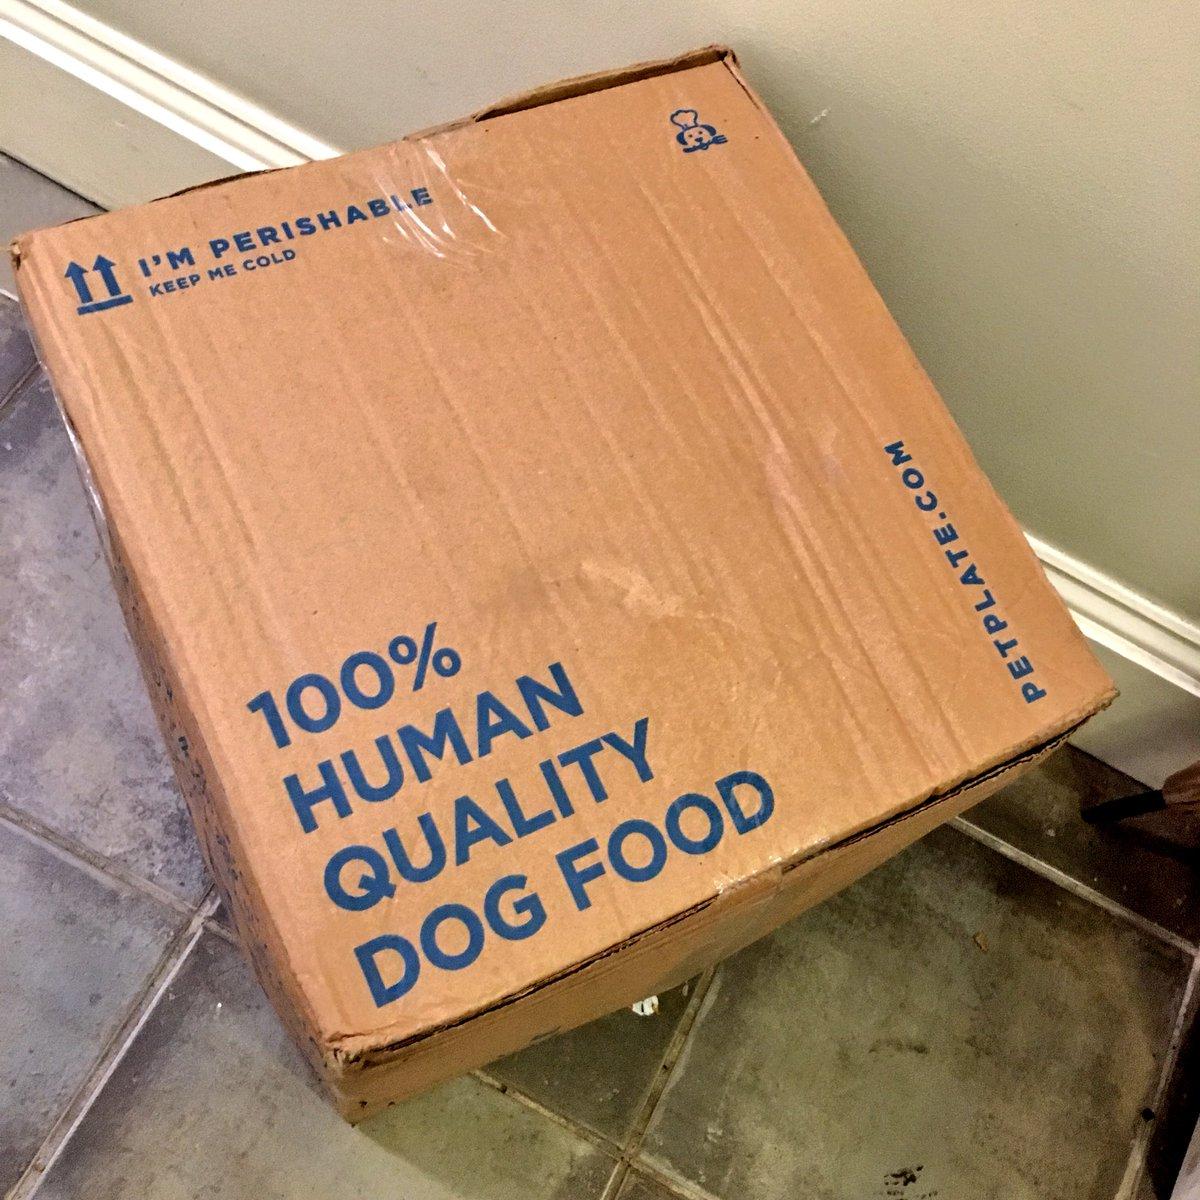 100% Human Quality Dog Food